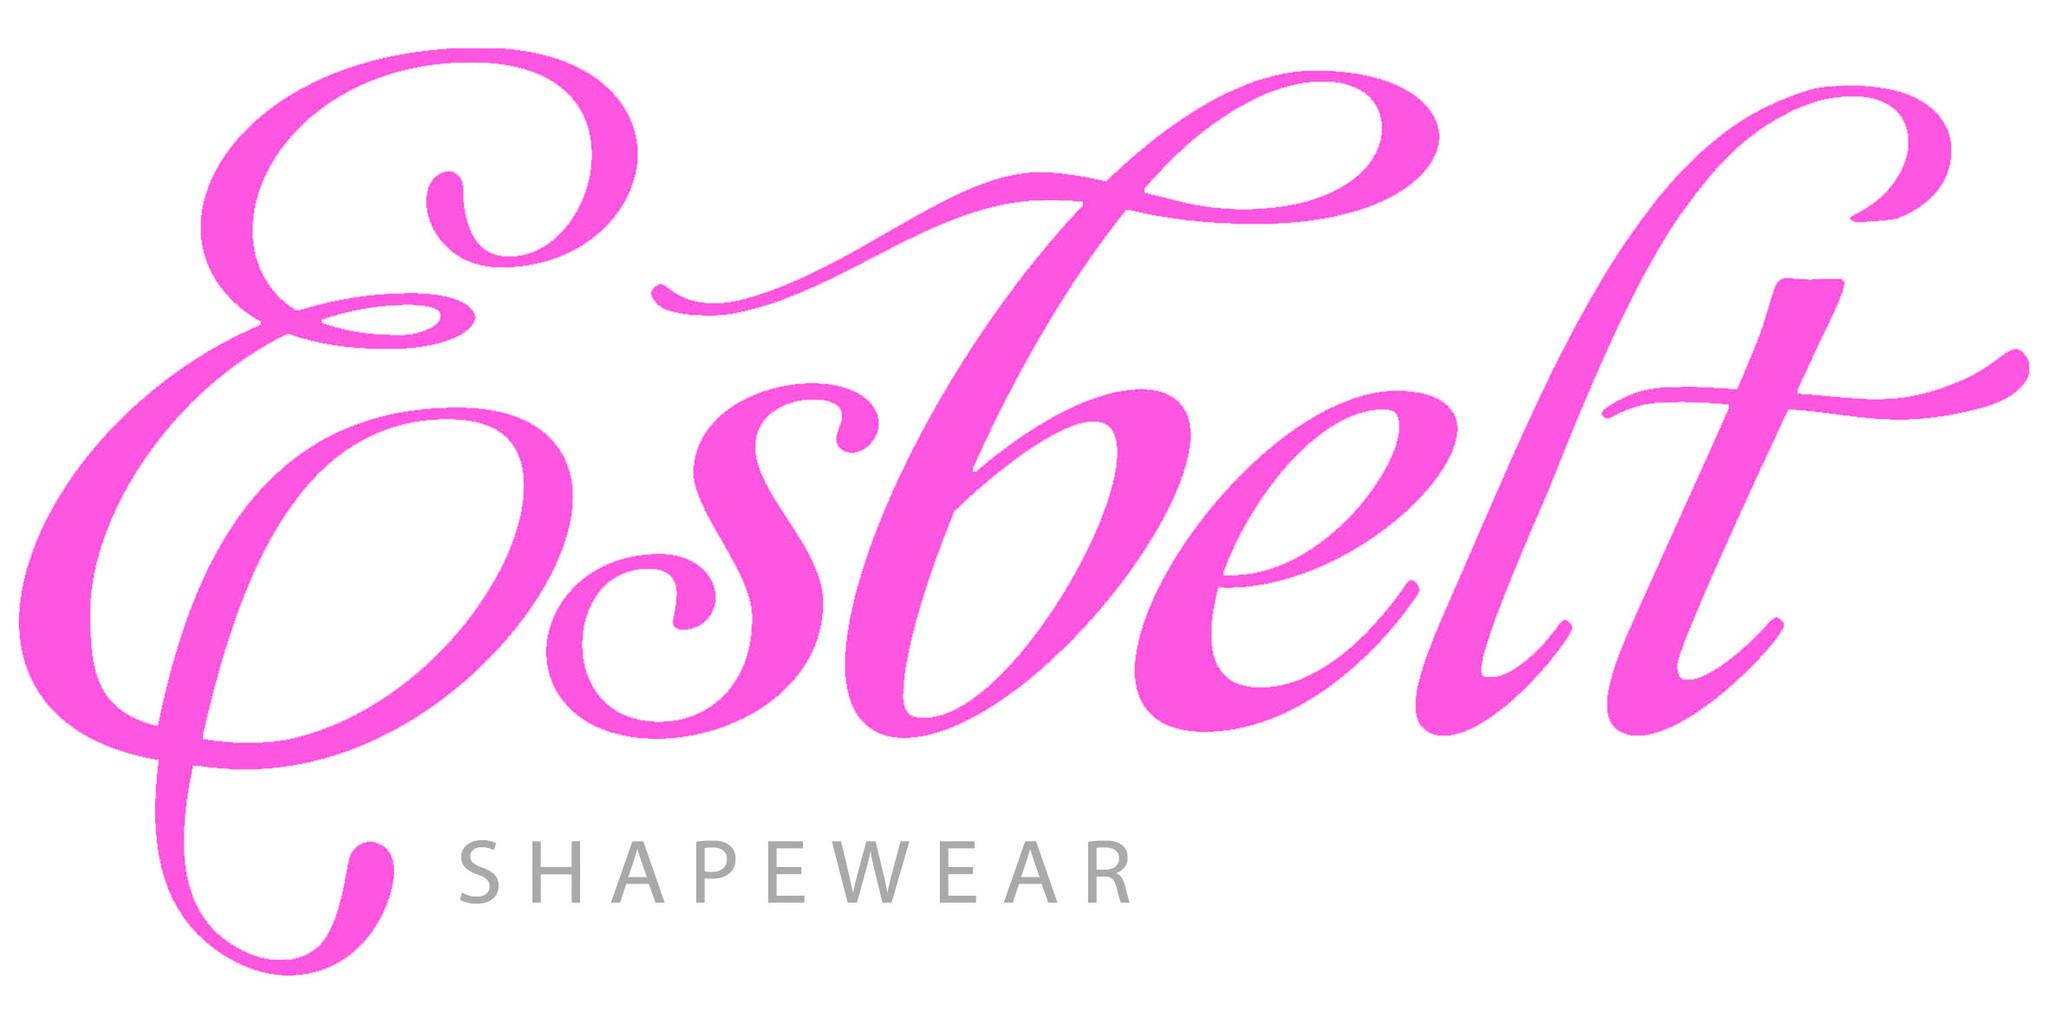 Esbelt, The original Brazilian Shape wear since 1960